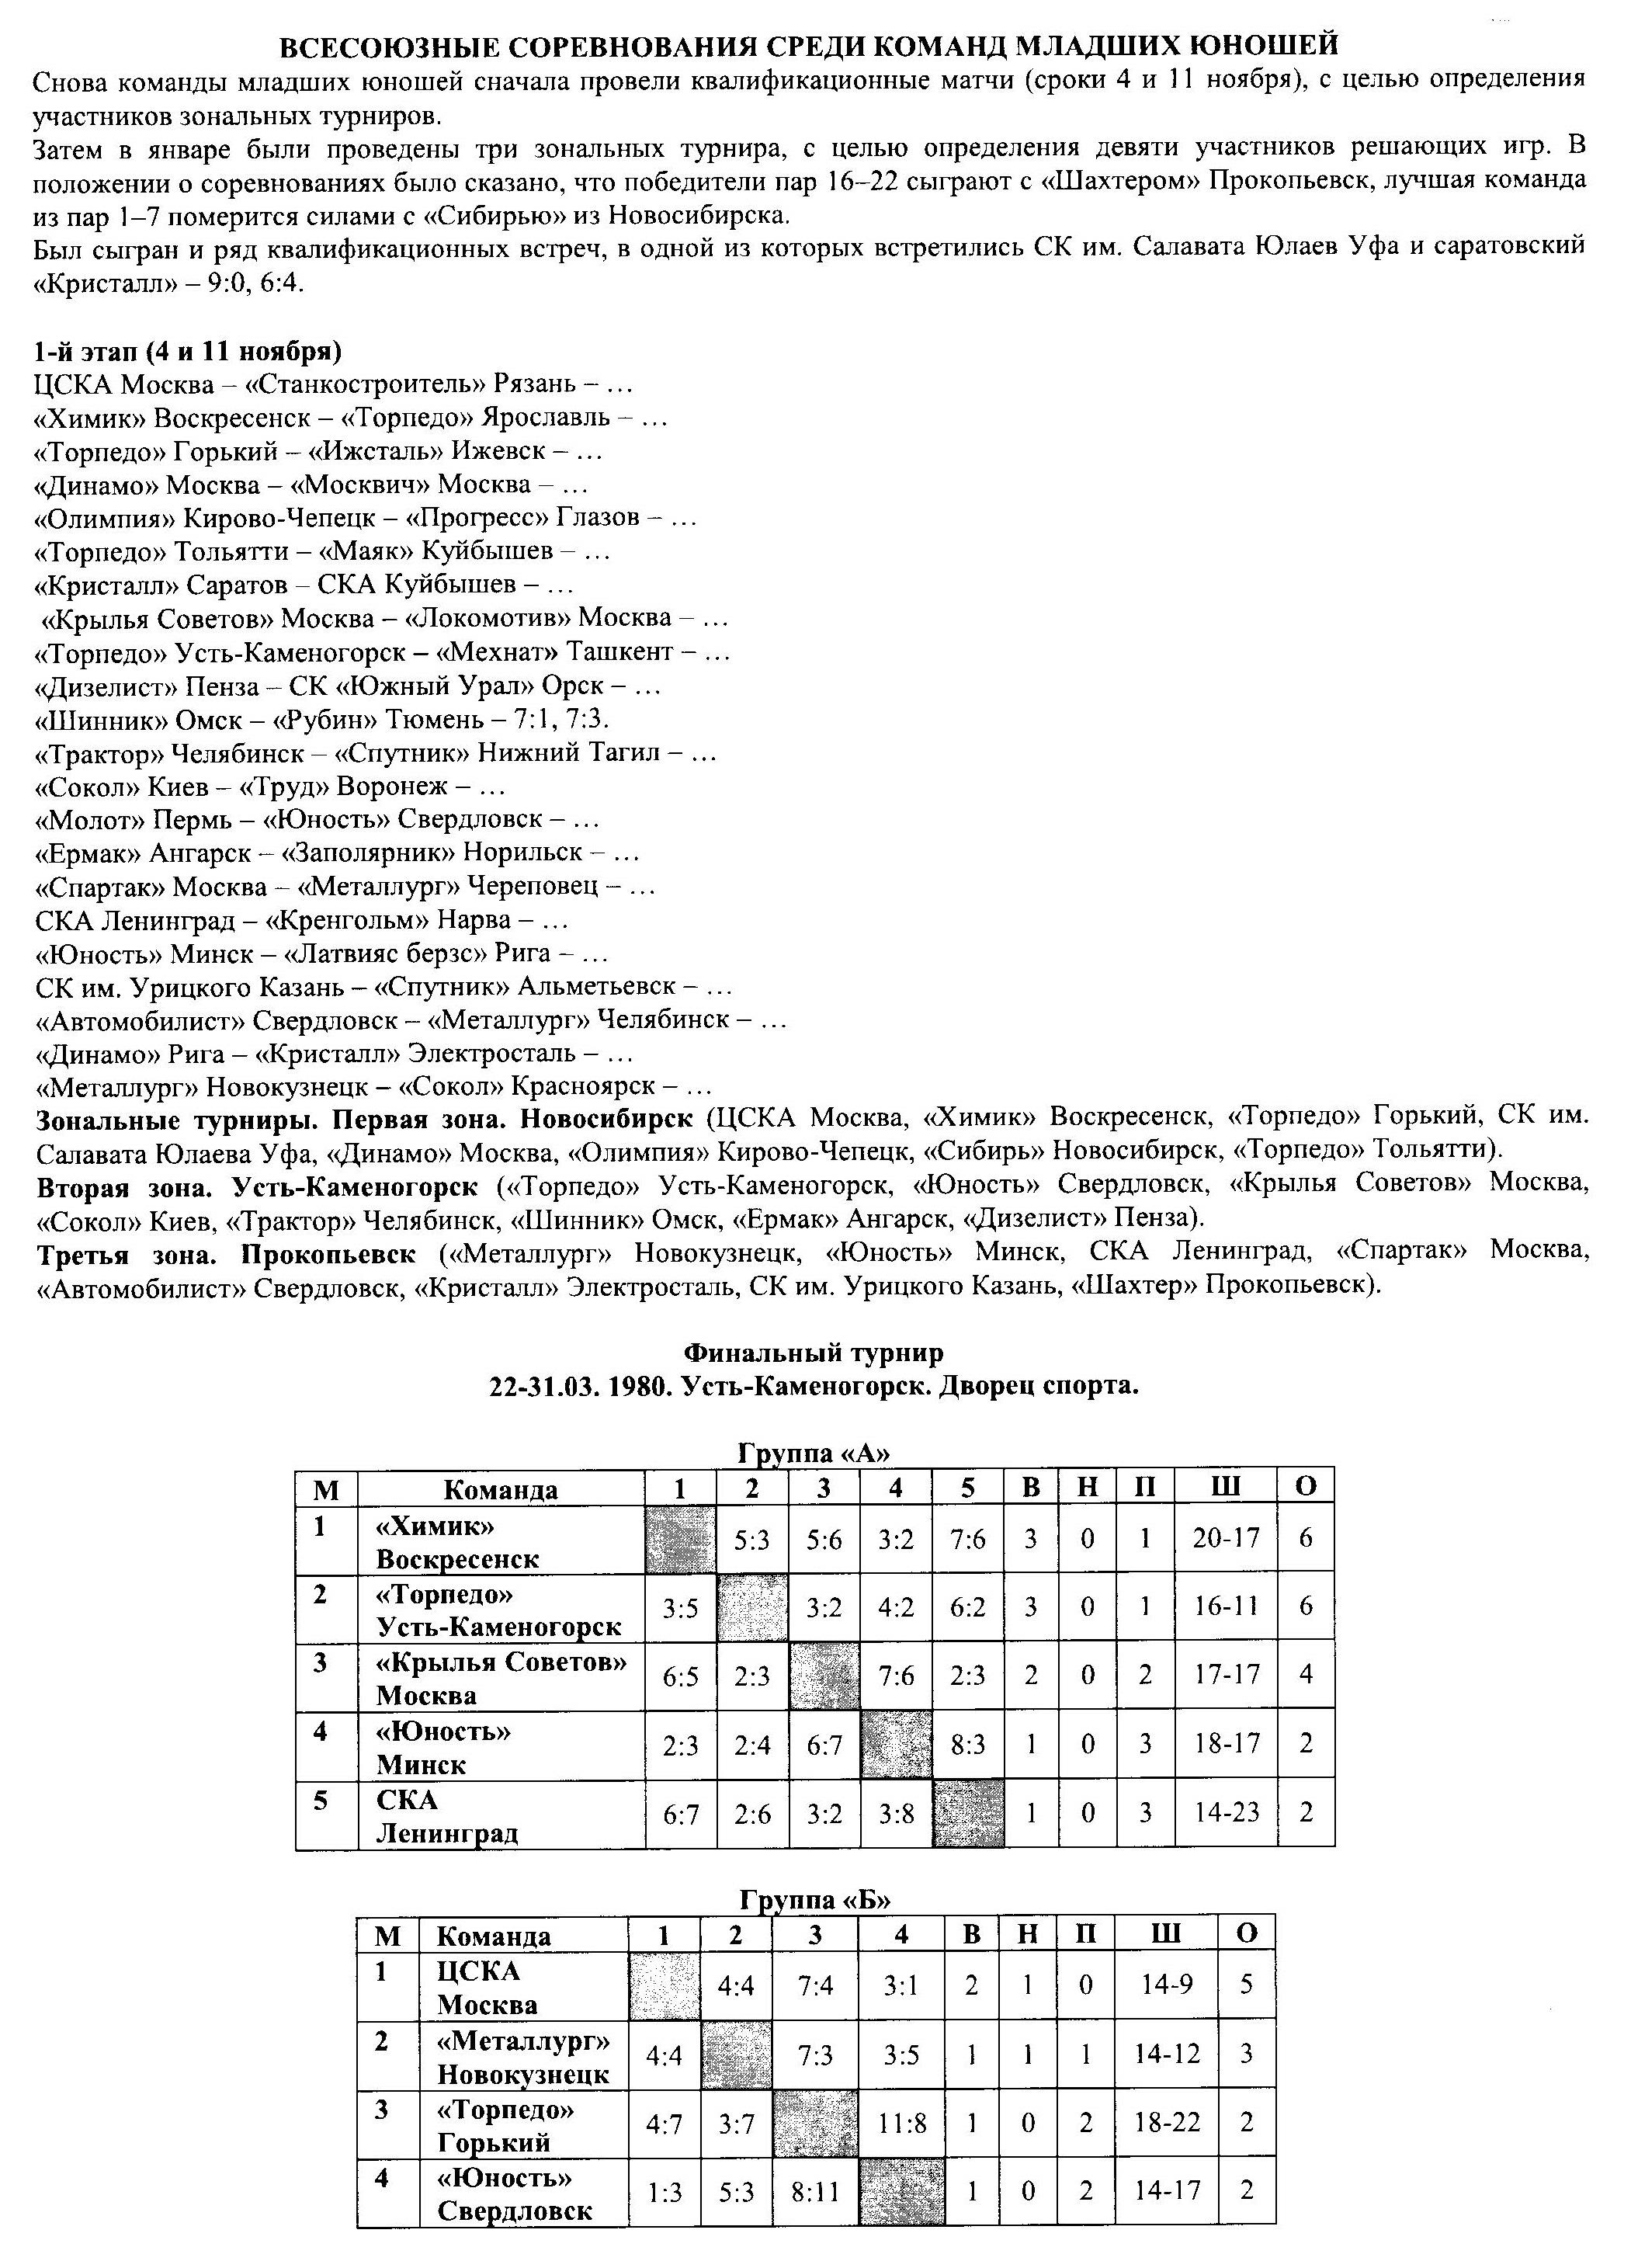 80-3 (1).jpg